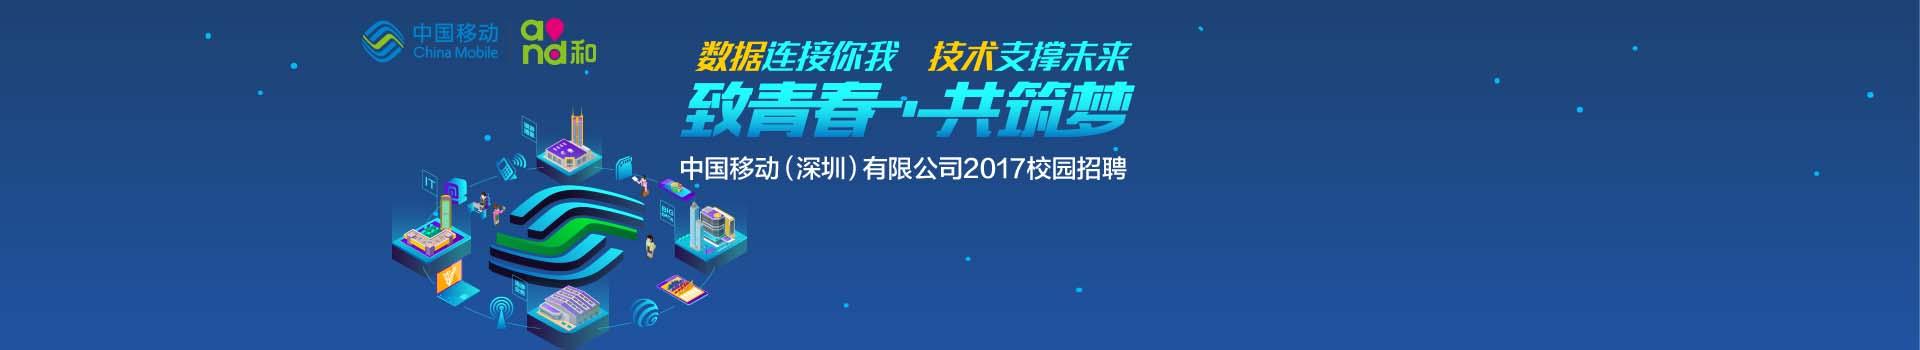 中国移动(深圳)有限公司招聘信息